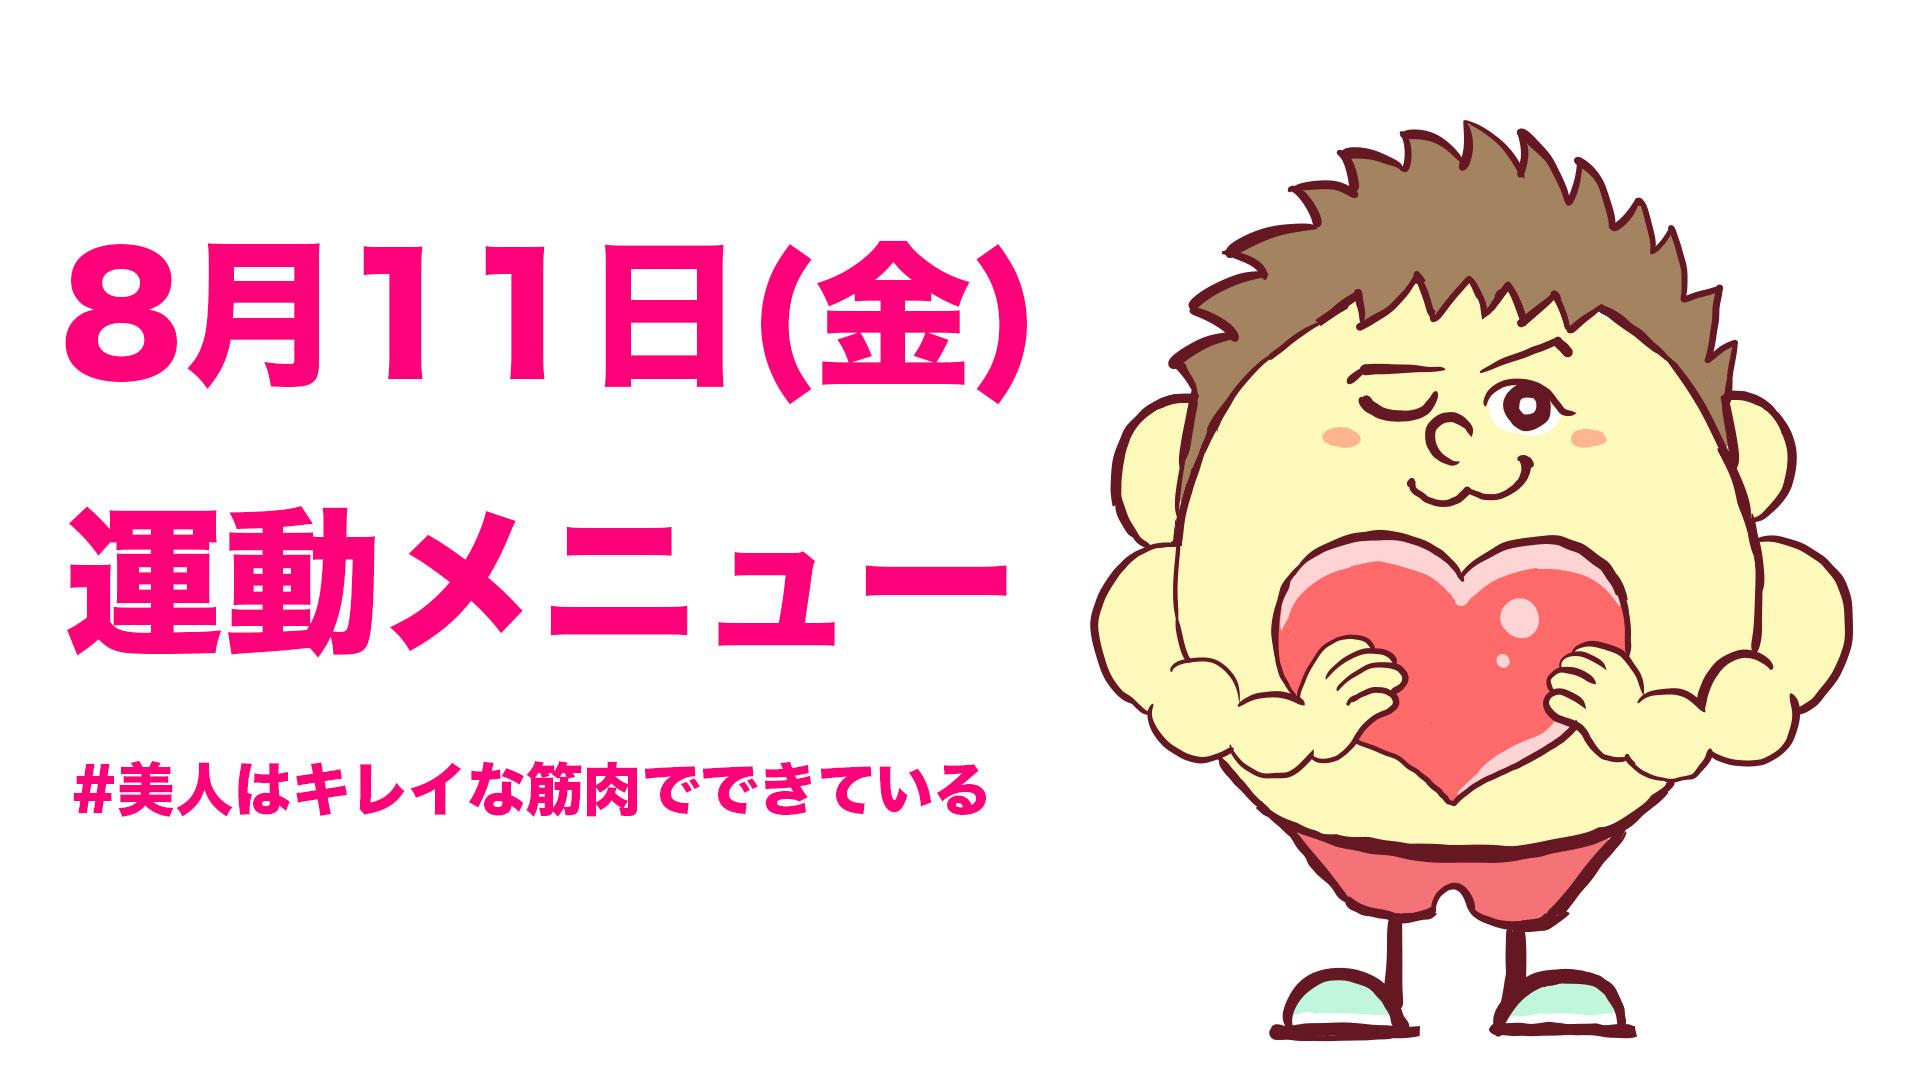 8/11の運動メニュー!